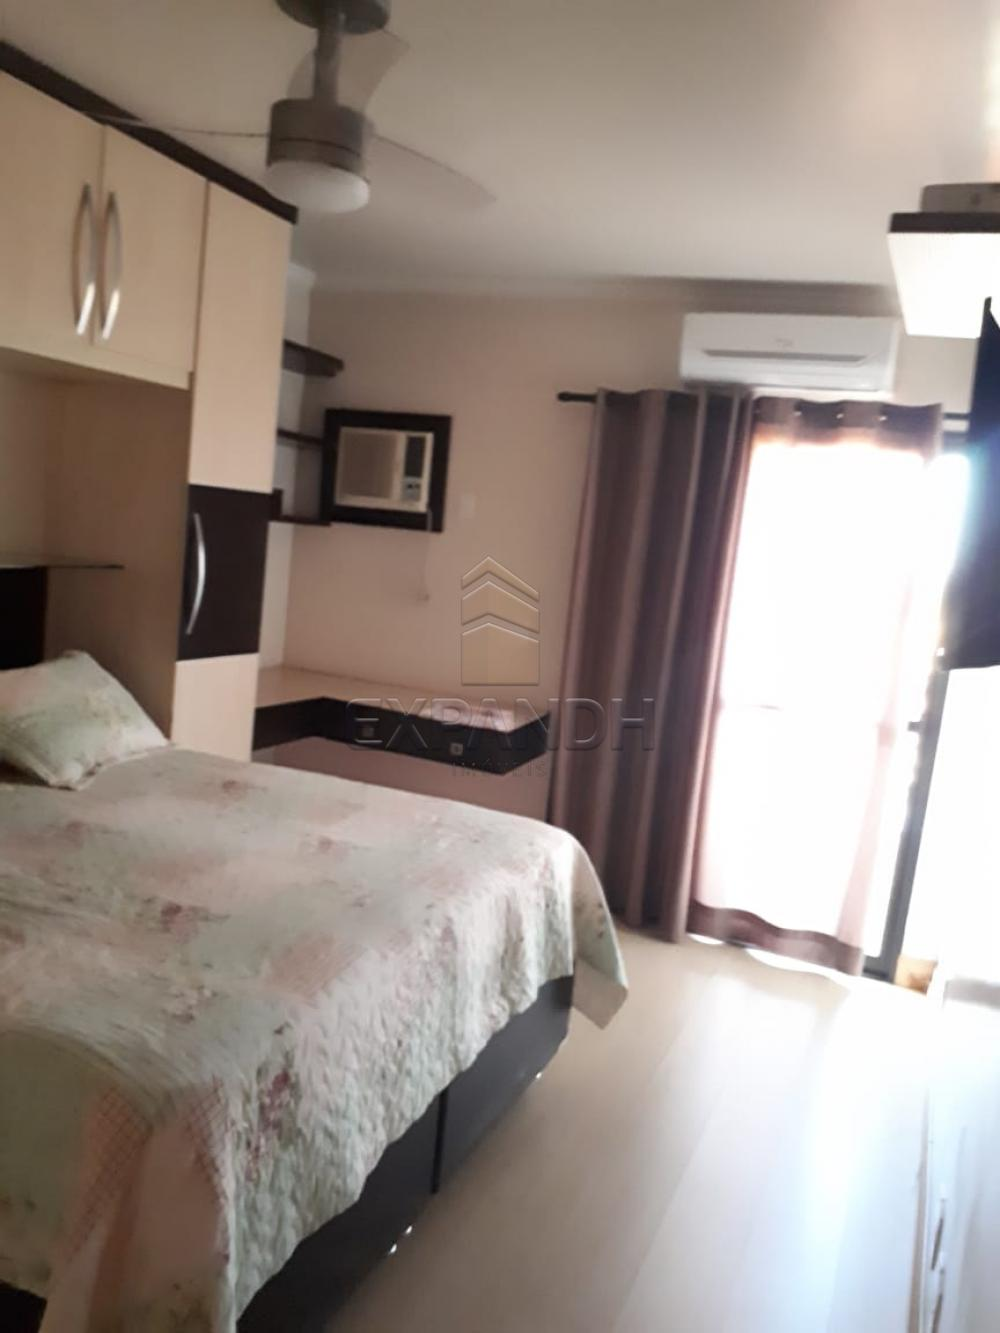 Comprar Apartamentos / Padrão em Sertãozinho R$ 380.000,00 - Foto 24